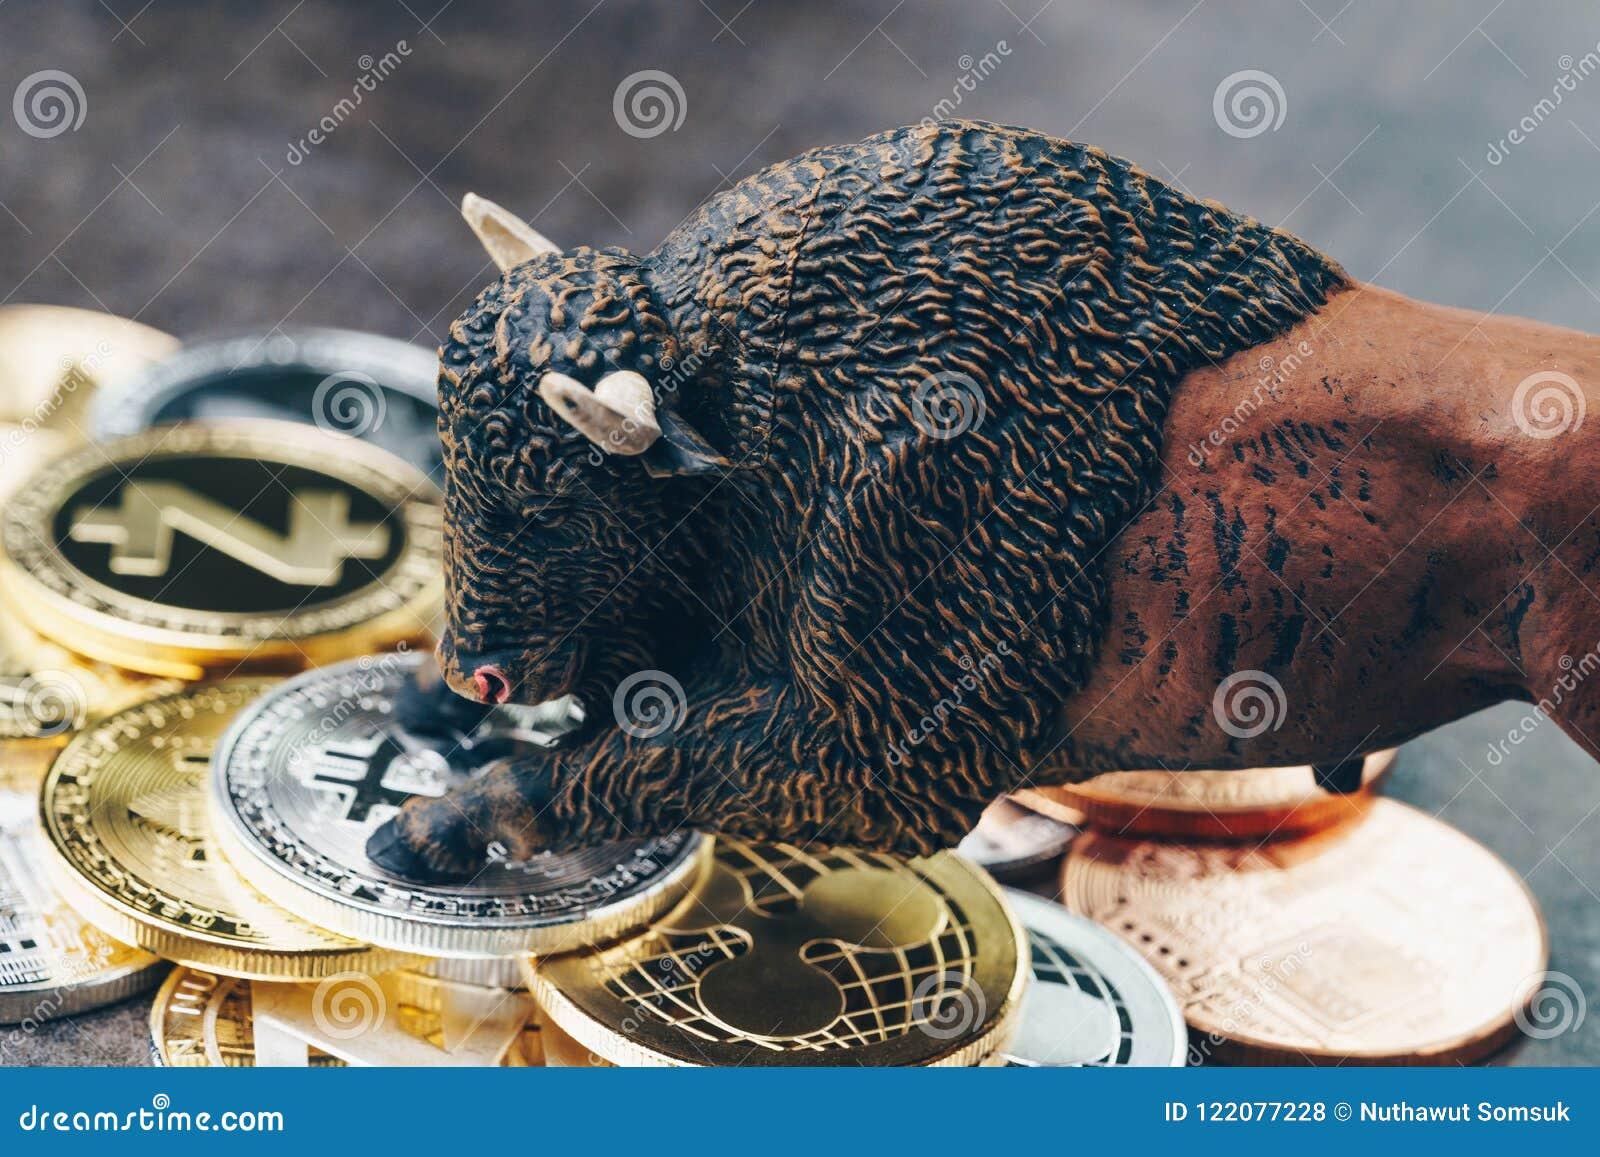 cryptocurrency bullish market